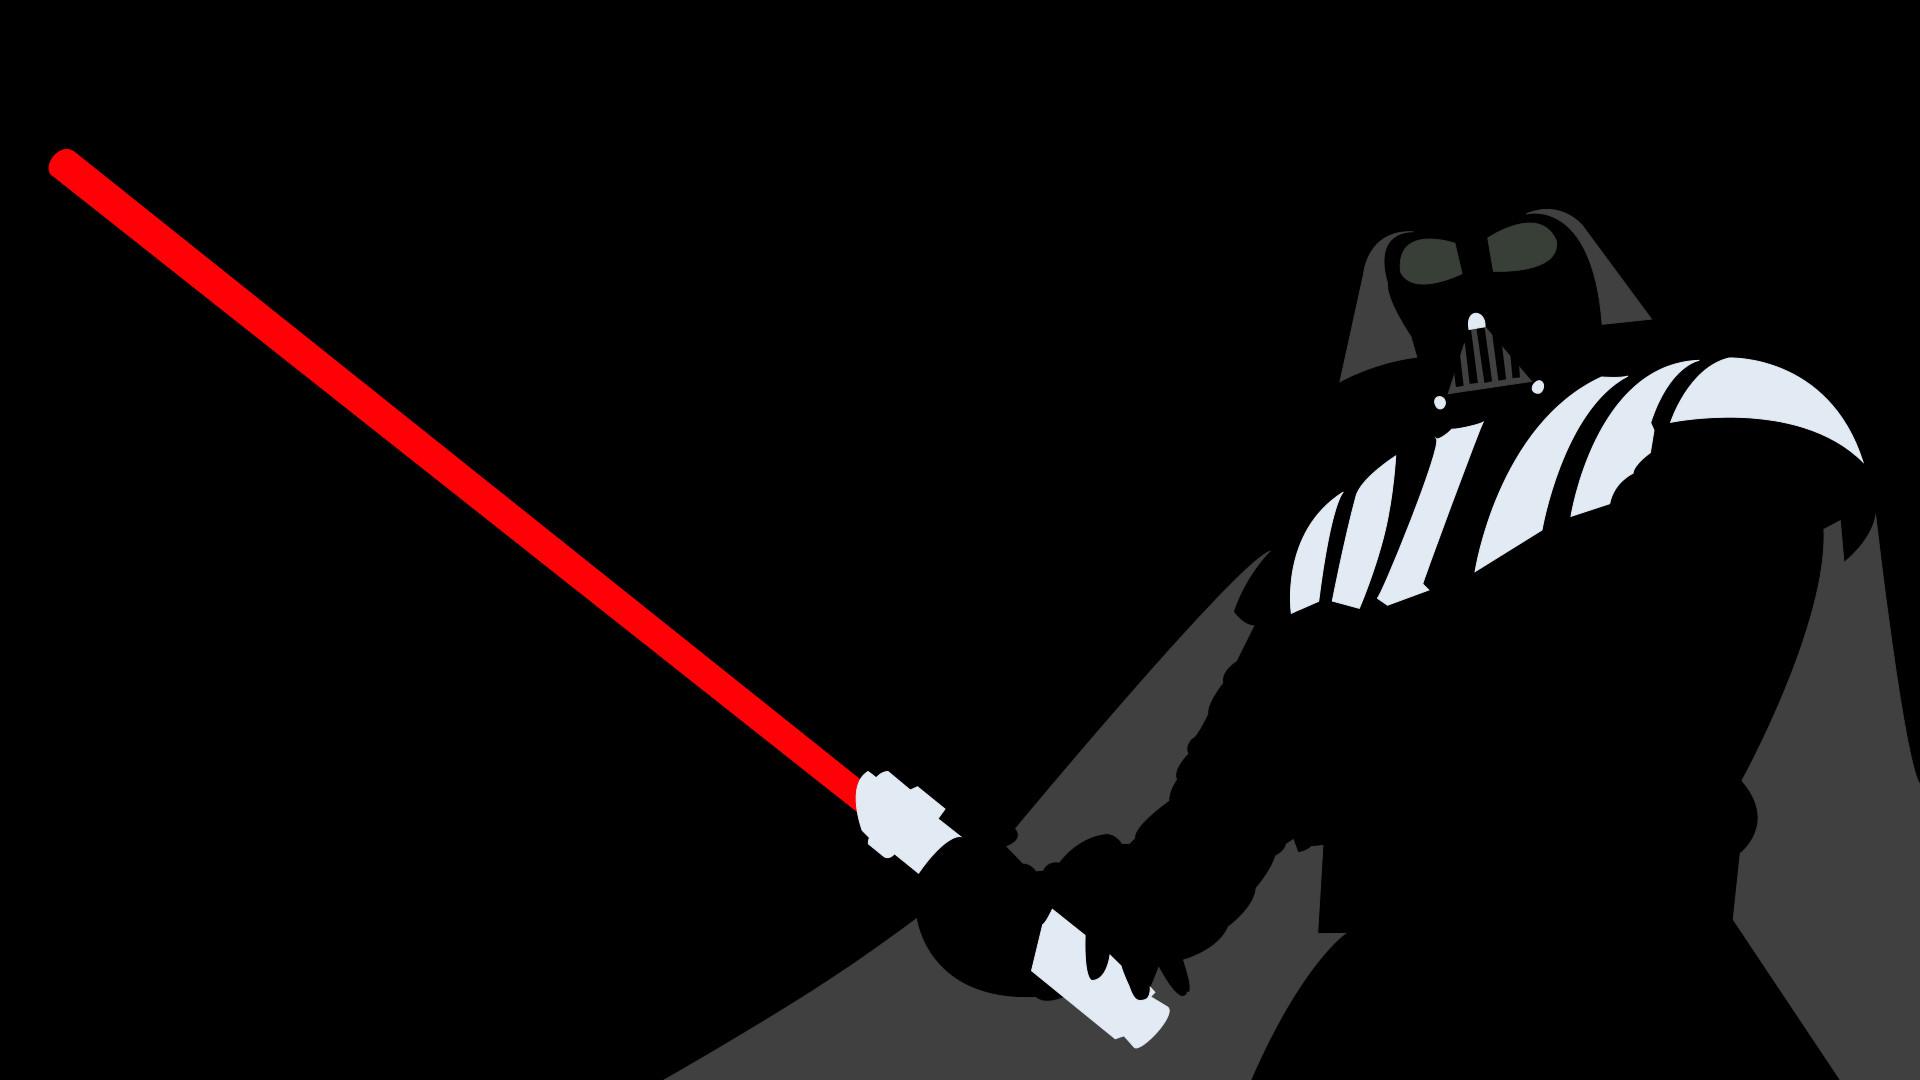 Request Minimal Darth Vader Wallpaper